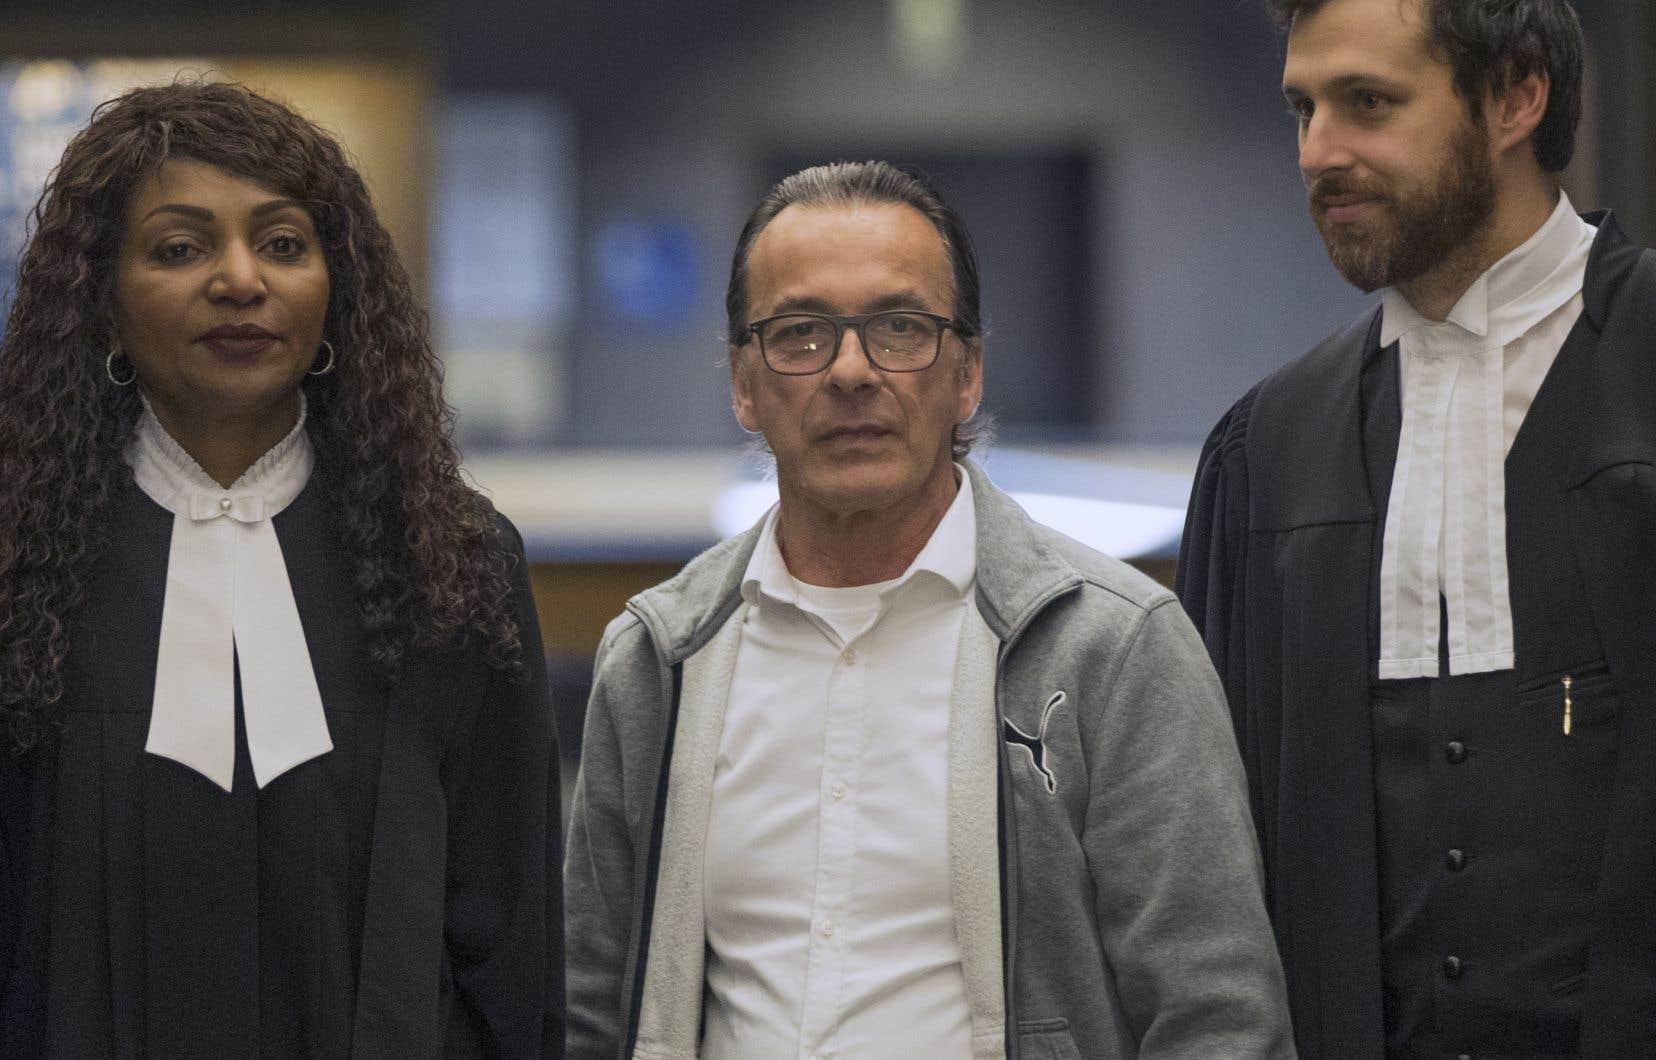 La juge Hélène Di Salvo a indiqué que le crime de Michel Cadotte ne pouvait rester impuni, même s'il a agi par compassion.